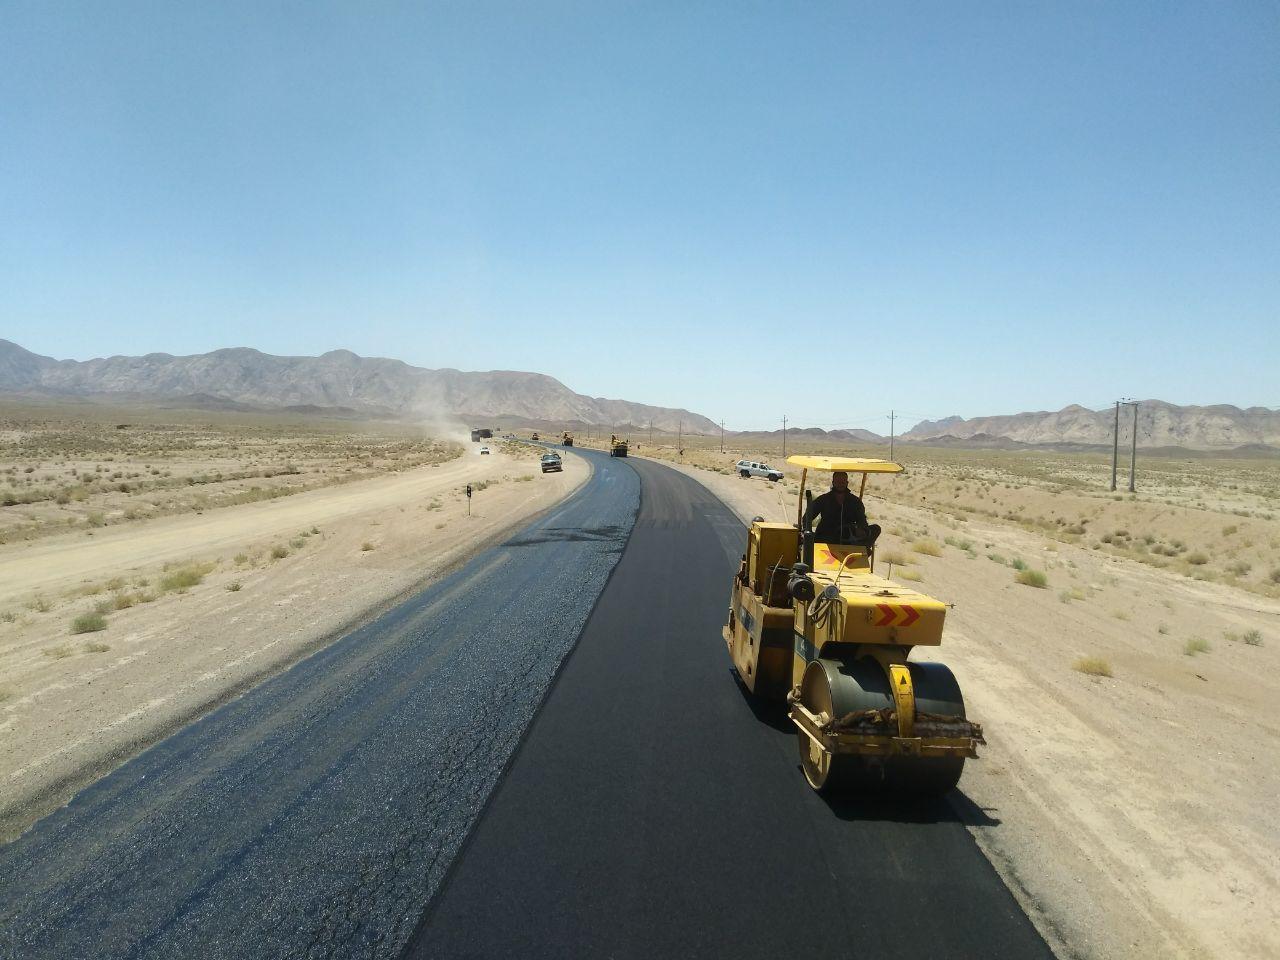 اجرای بیش از 15 کیلومتر روکش آسفالت در جاده های خراسان جنوبی